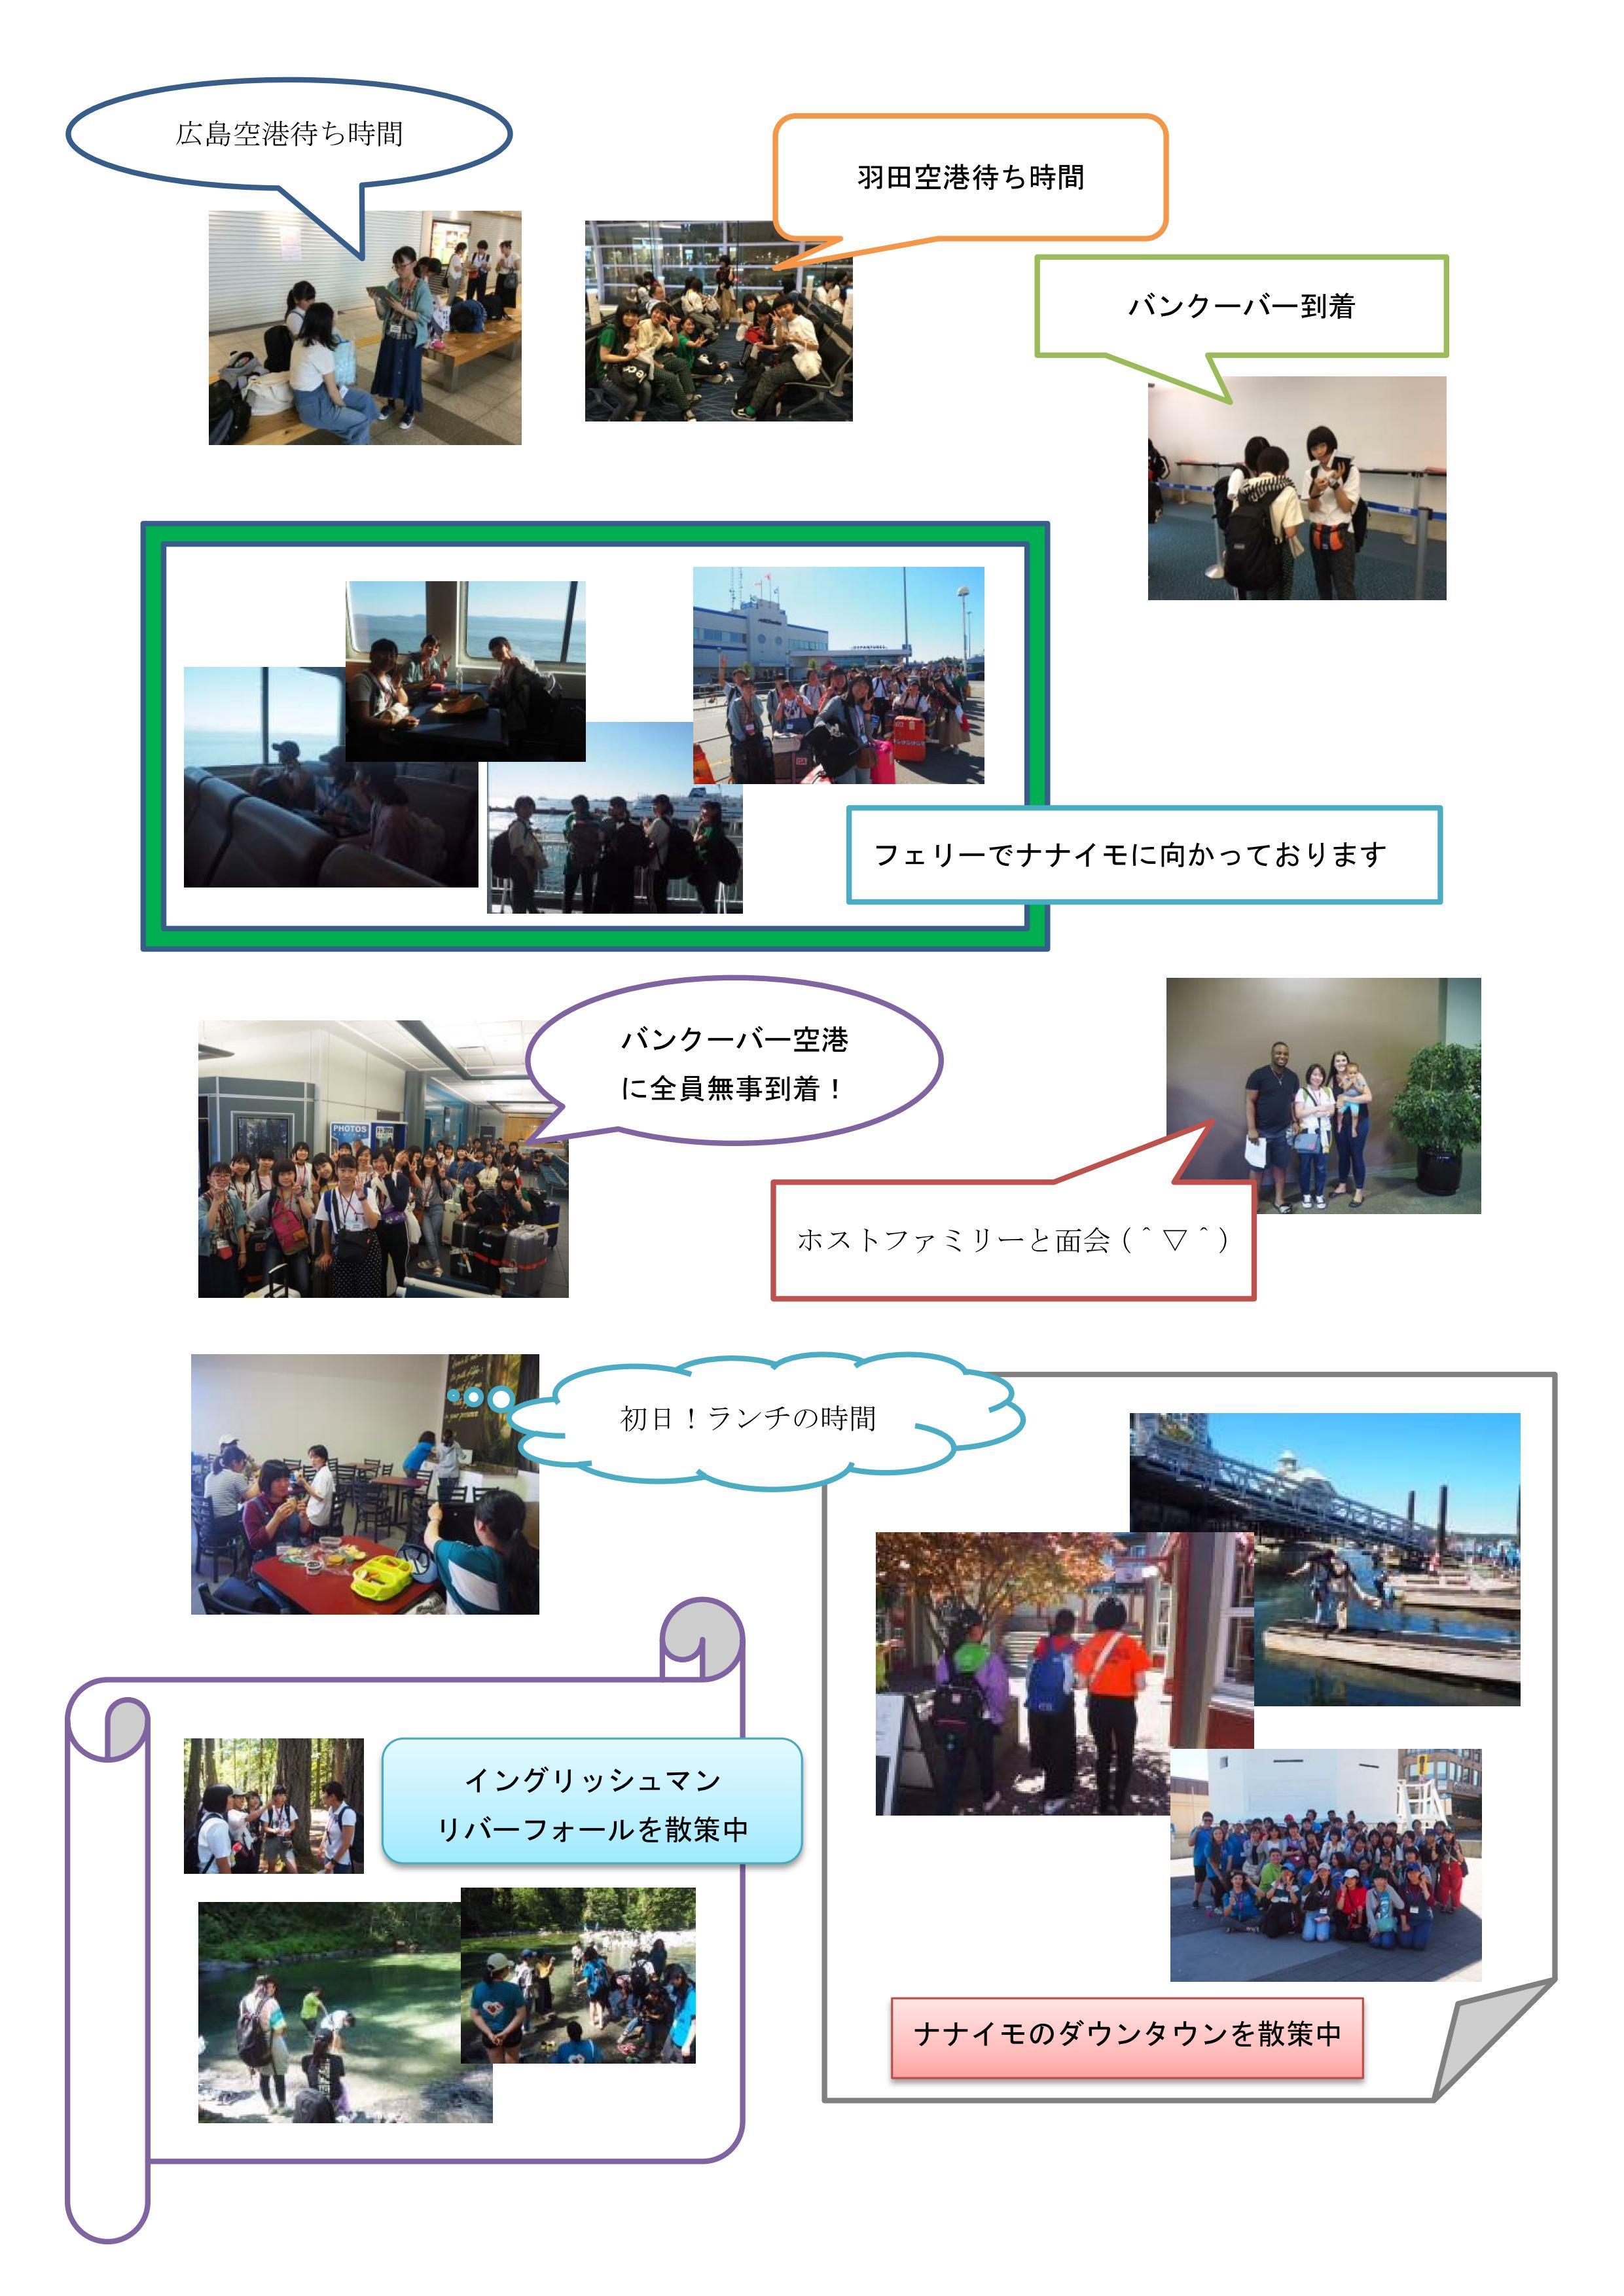 http://www.h-bunkyo.ac.jp/highschool/blog/80d0f78a22d8986484d95791da4b0b064daa8a04.jpg